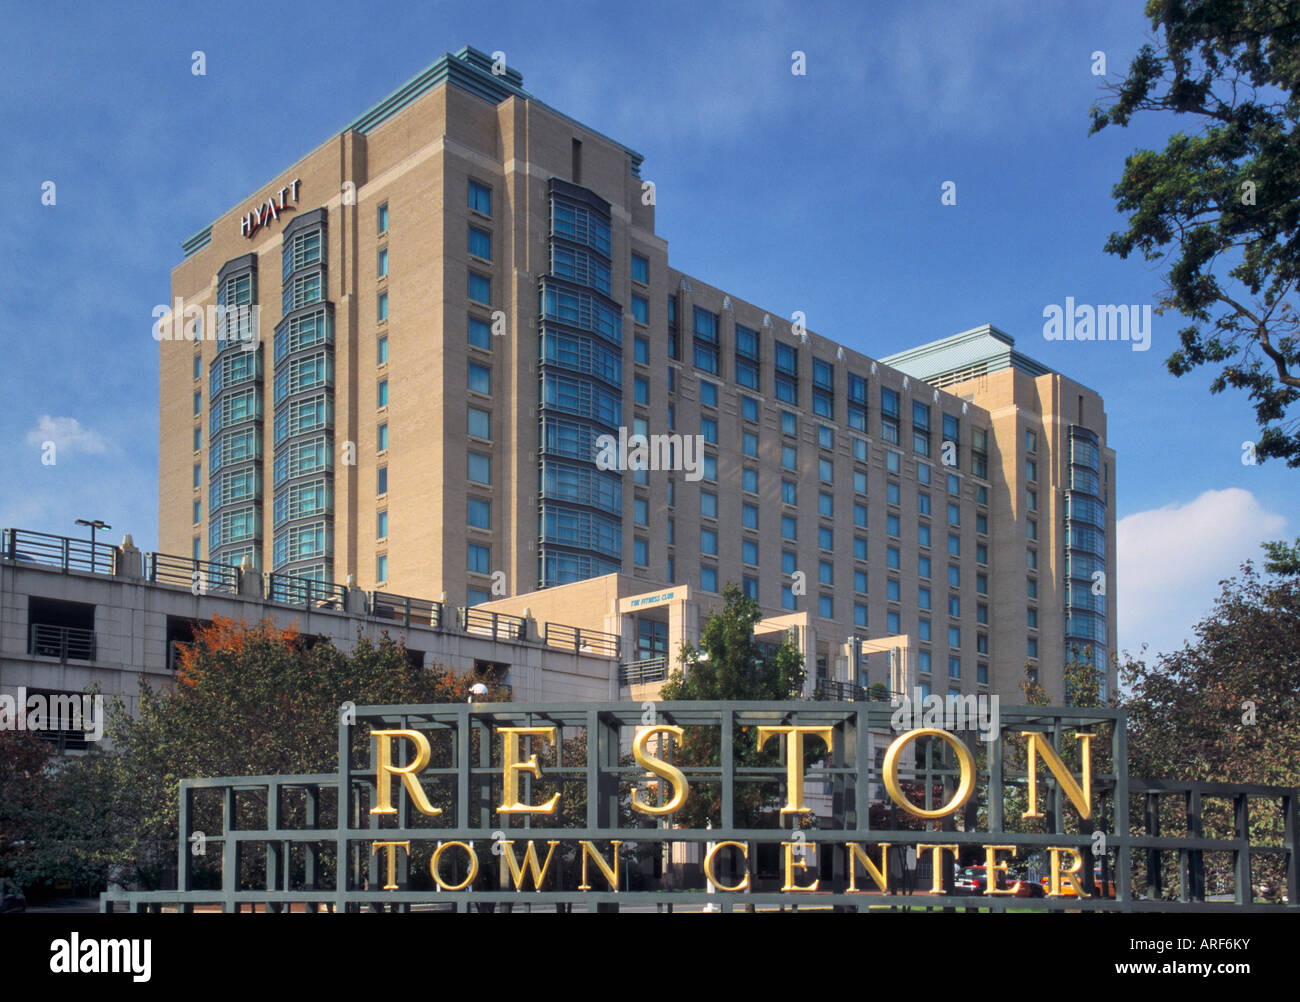 Reston town center hyatt